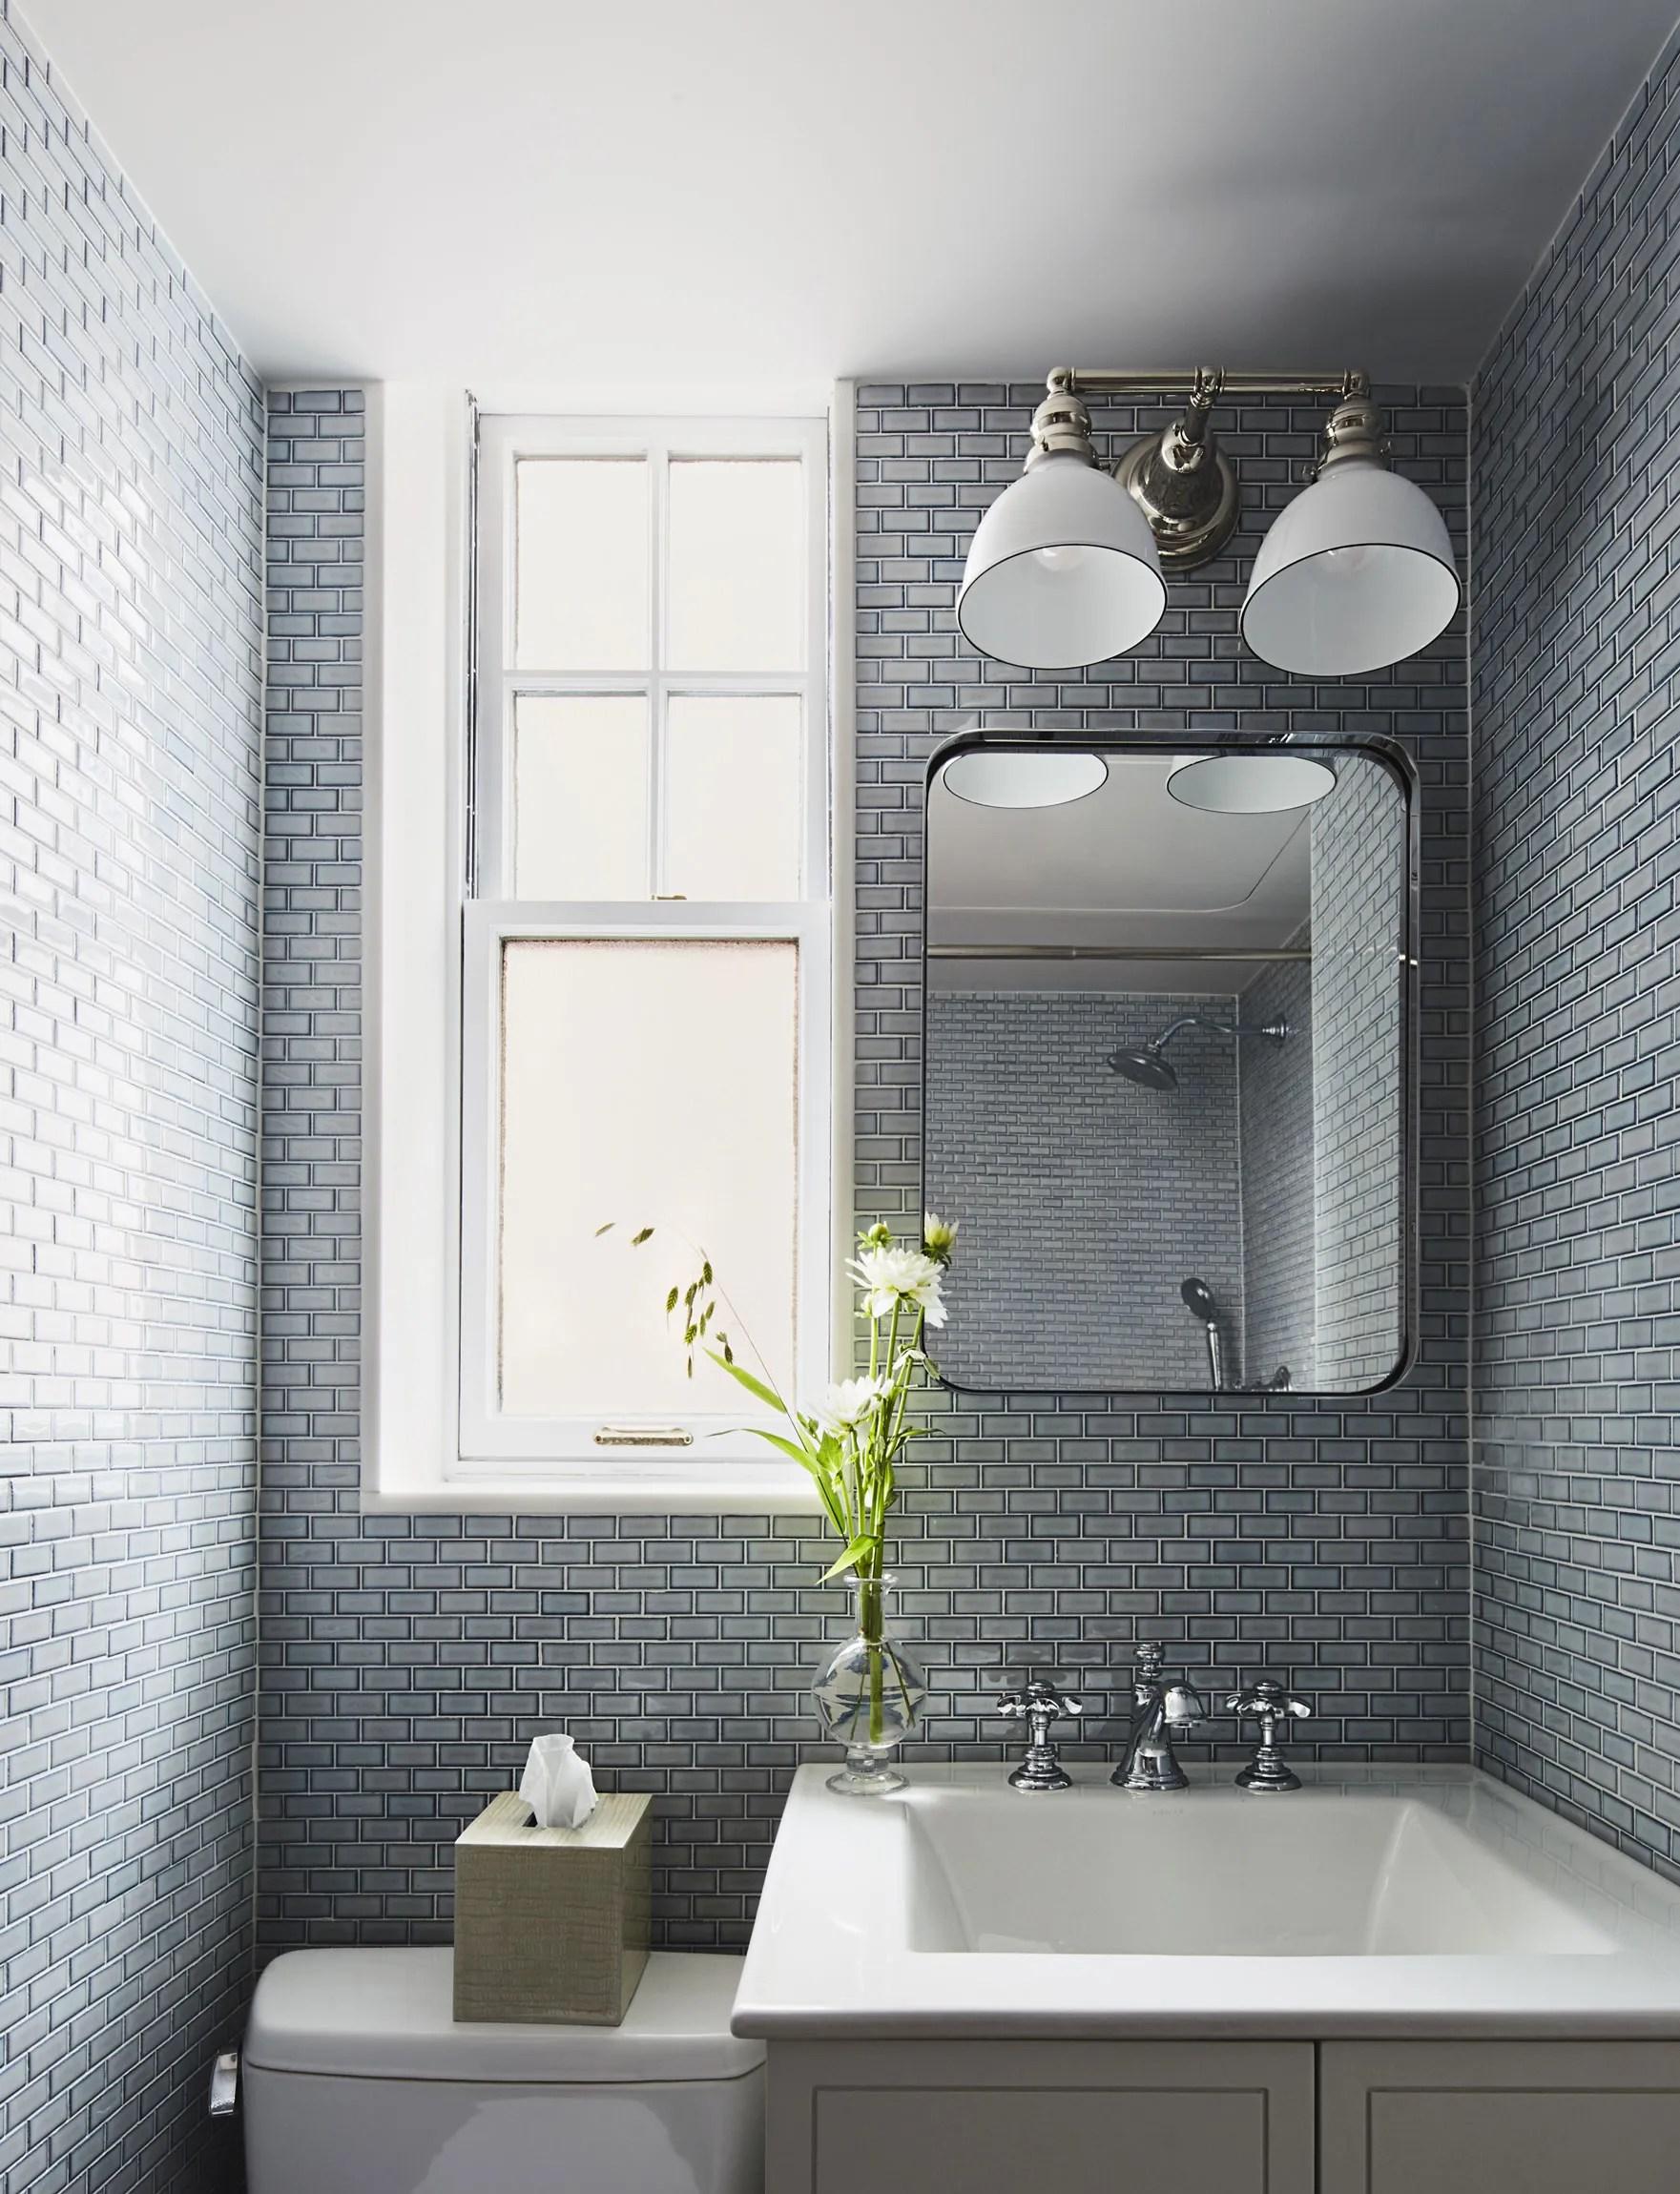 This Bathroom Tile Design Idea Changes Everything ... on Small Space Small Bathroom Tiles Design  id=45217